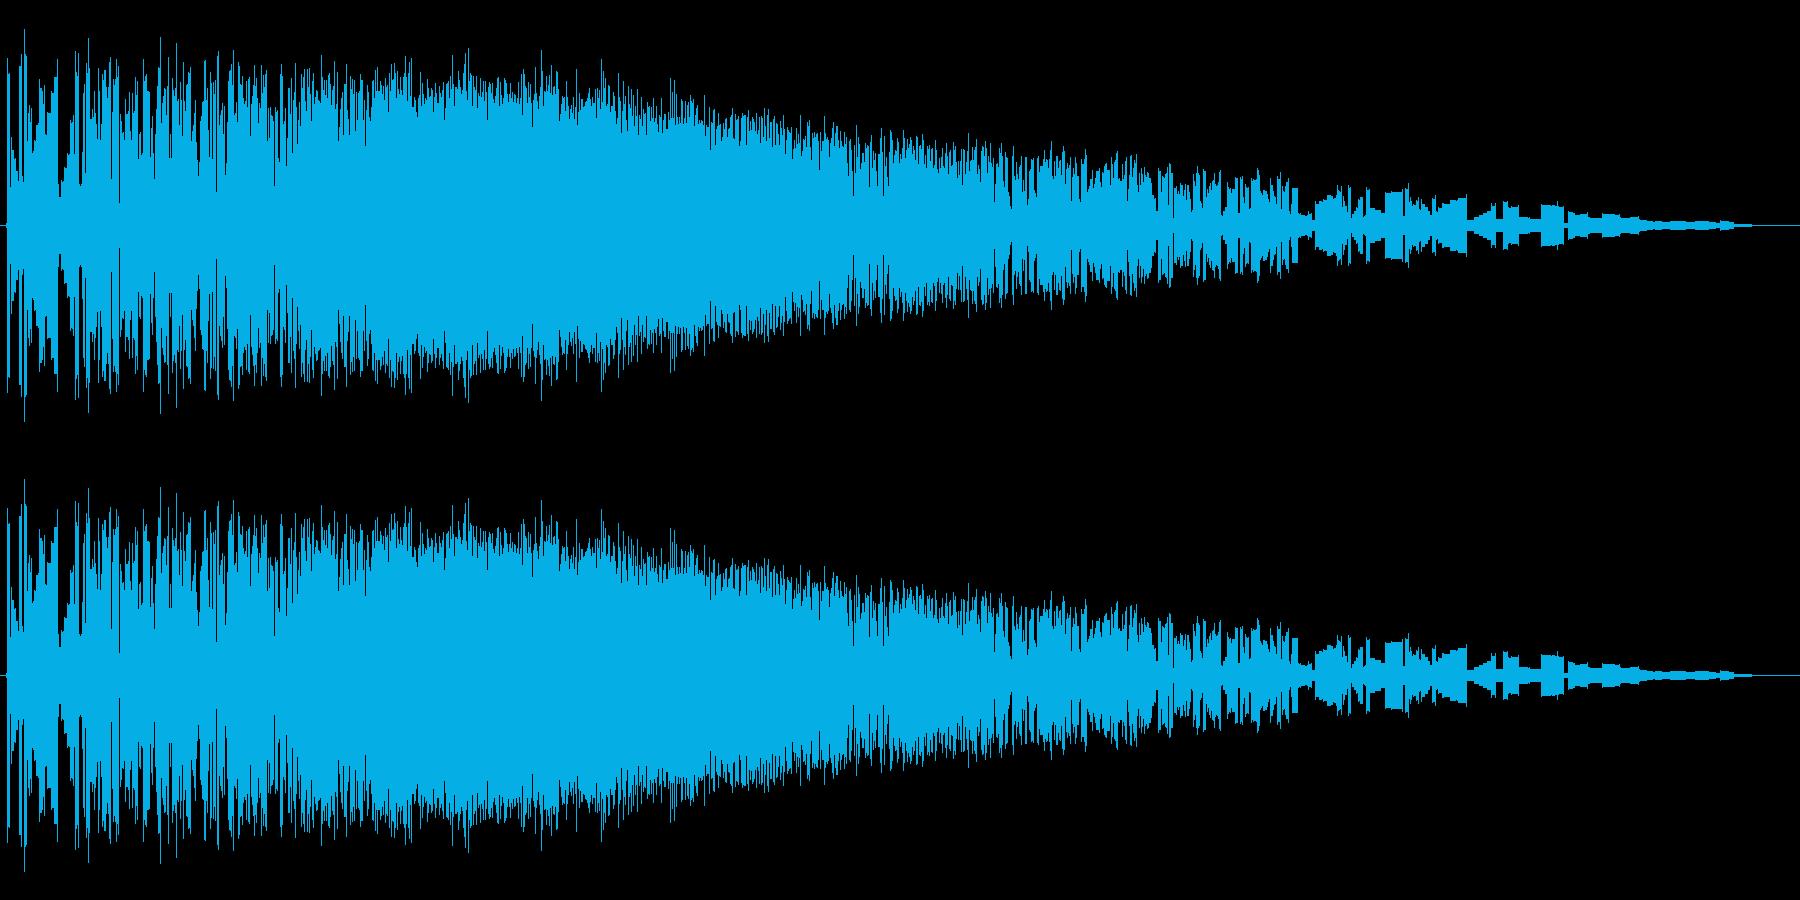 レトロゲーム風魔法・炎系3の再生済みの波形